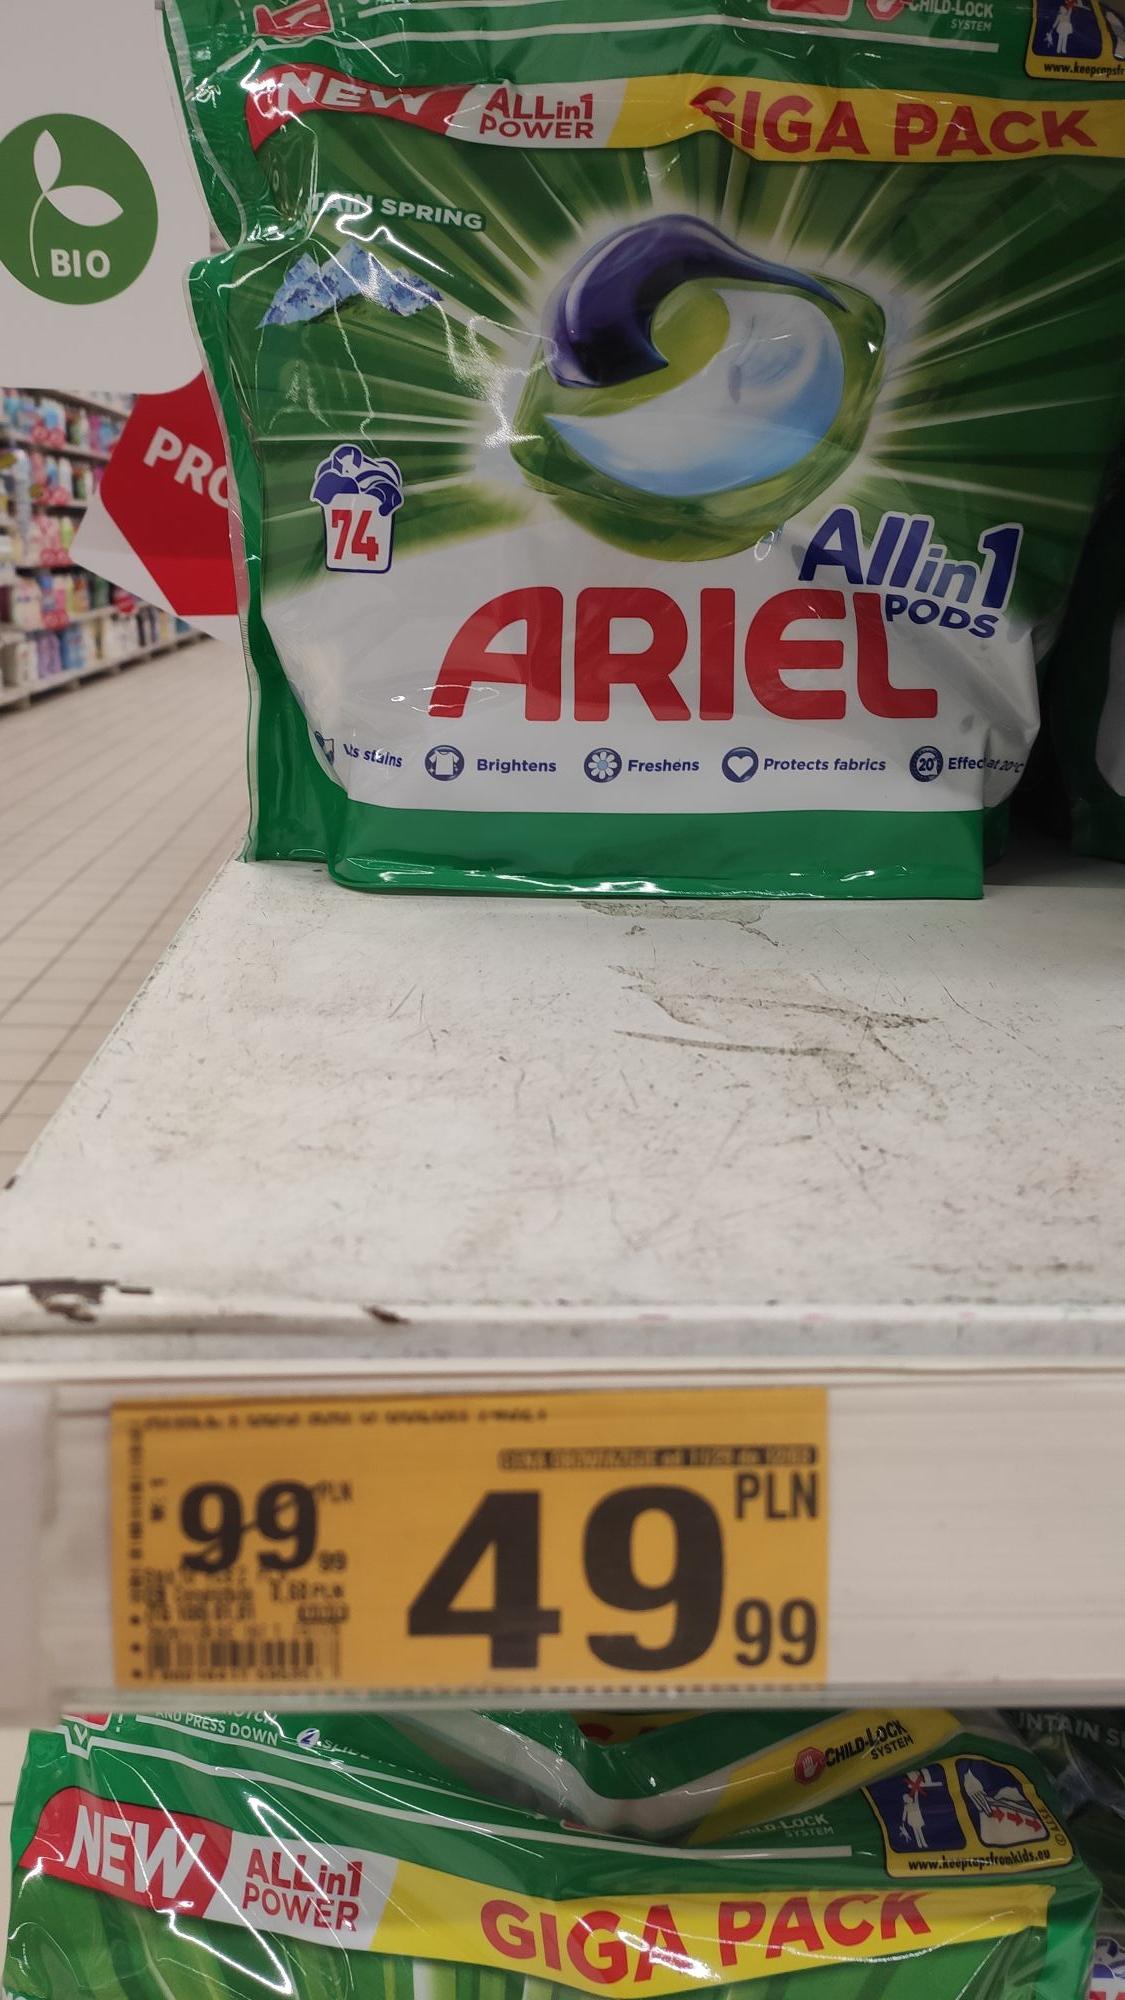 Kapsułki Ariel Allin1 Pods Auchan Wwa